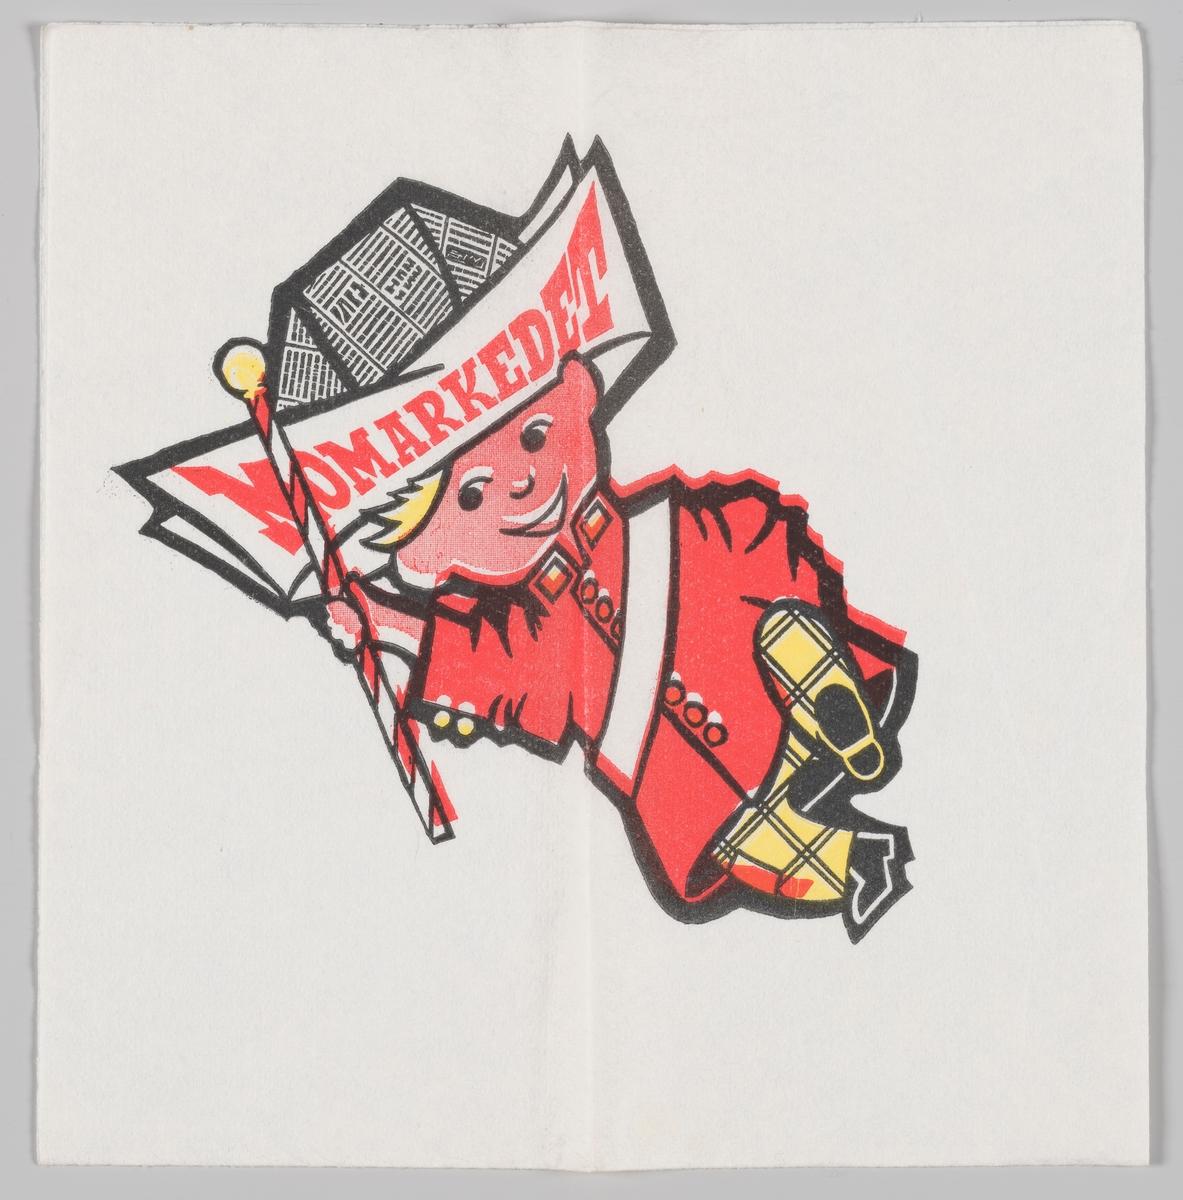 En gutt i uniform med en papirhatt med reklametekst for Momarkedet.  Momarkedet er en årlig festival på Momarked travbanen utenfor Mysen. Festivalen startet i 1950.